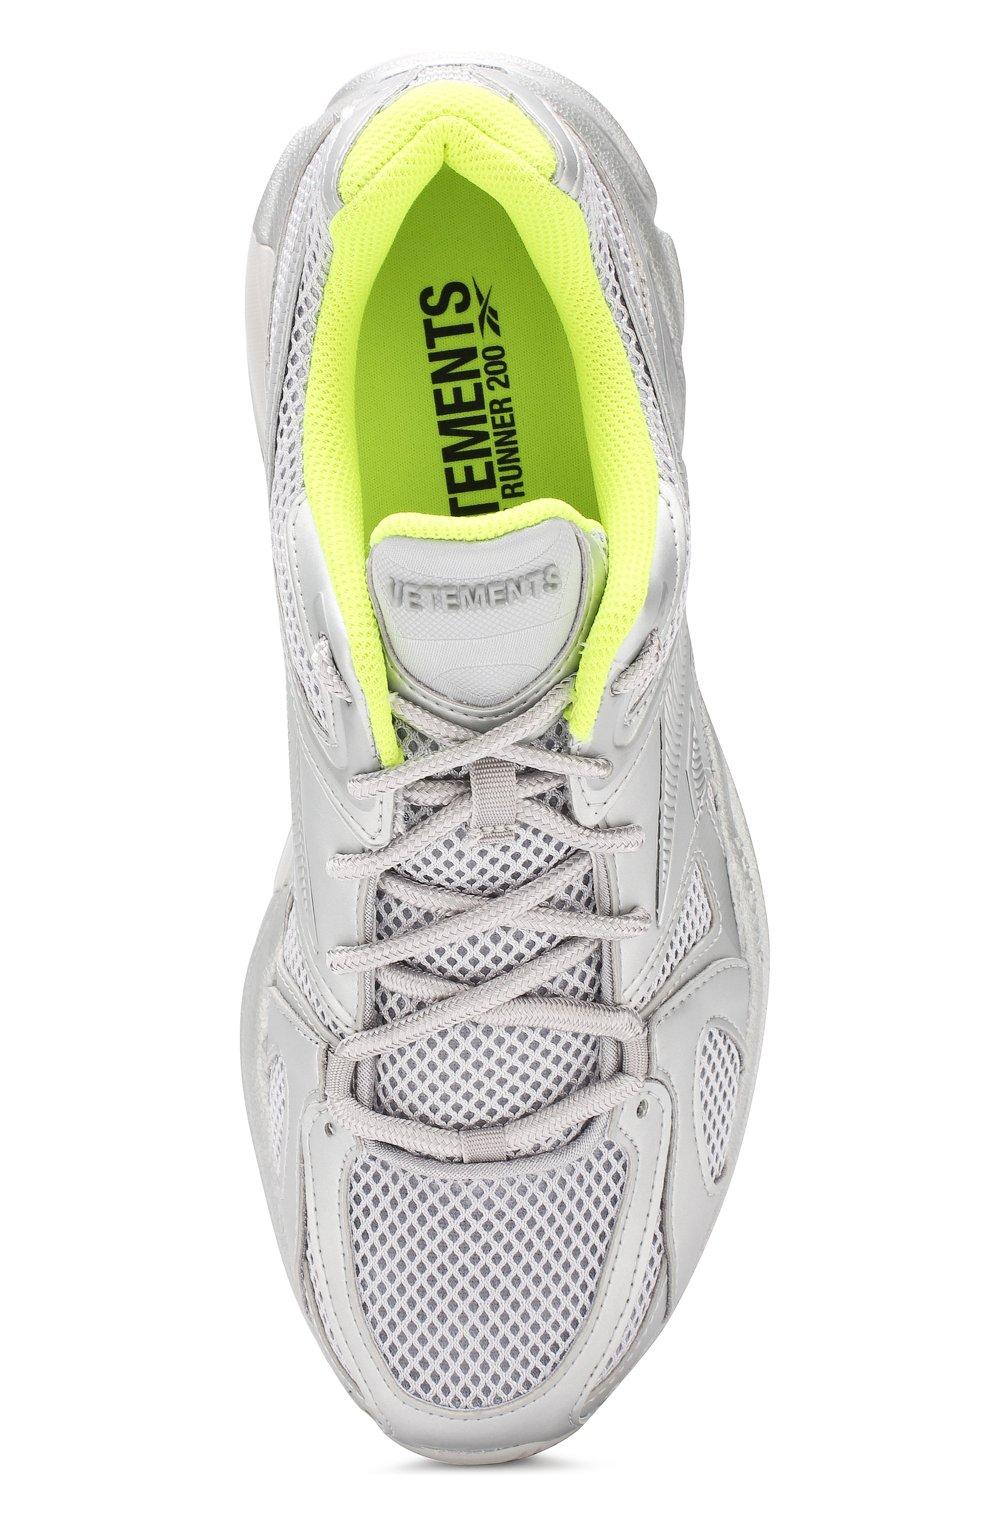 Текстильные кроссовки Vetements x Reebok Spike Runner 200 Vetements серебряные | Фото №5